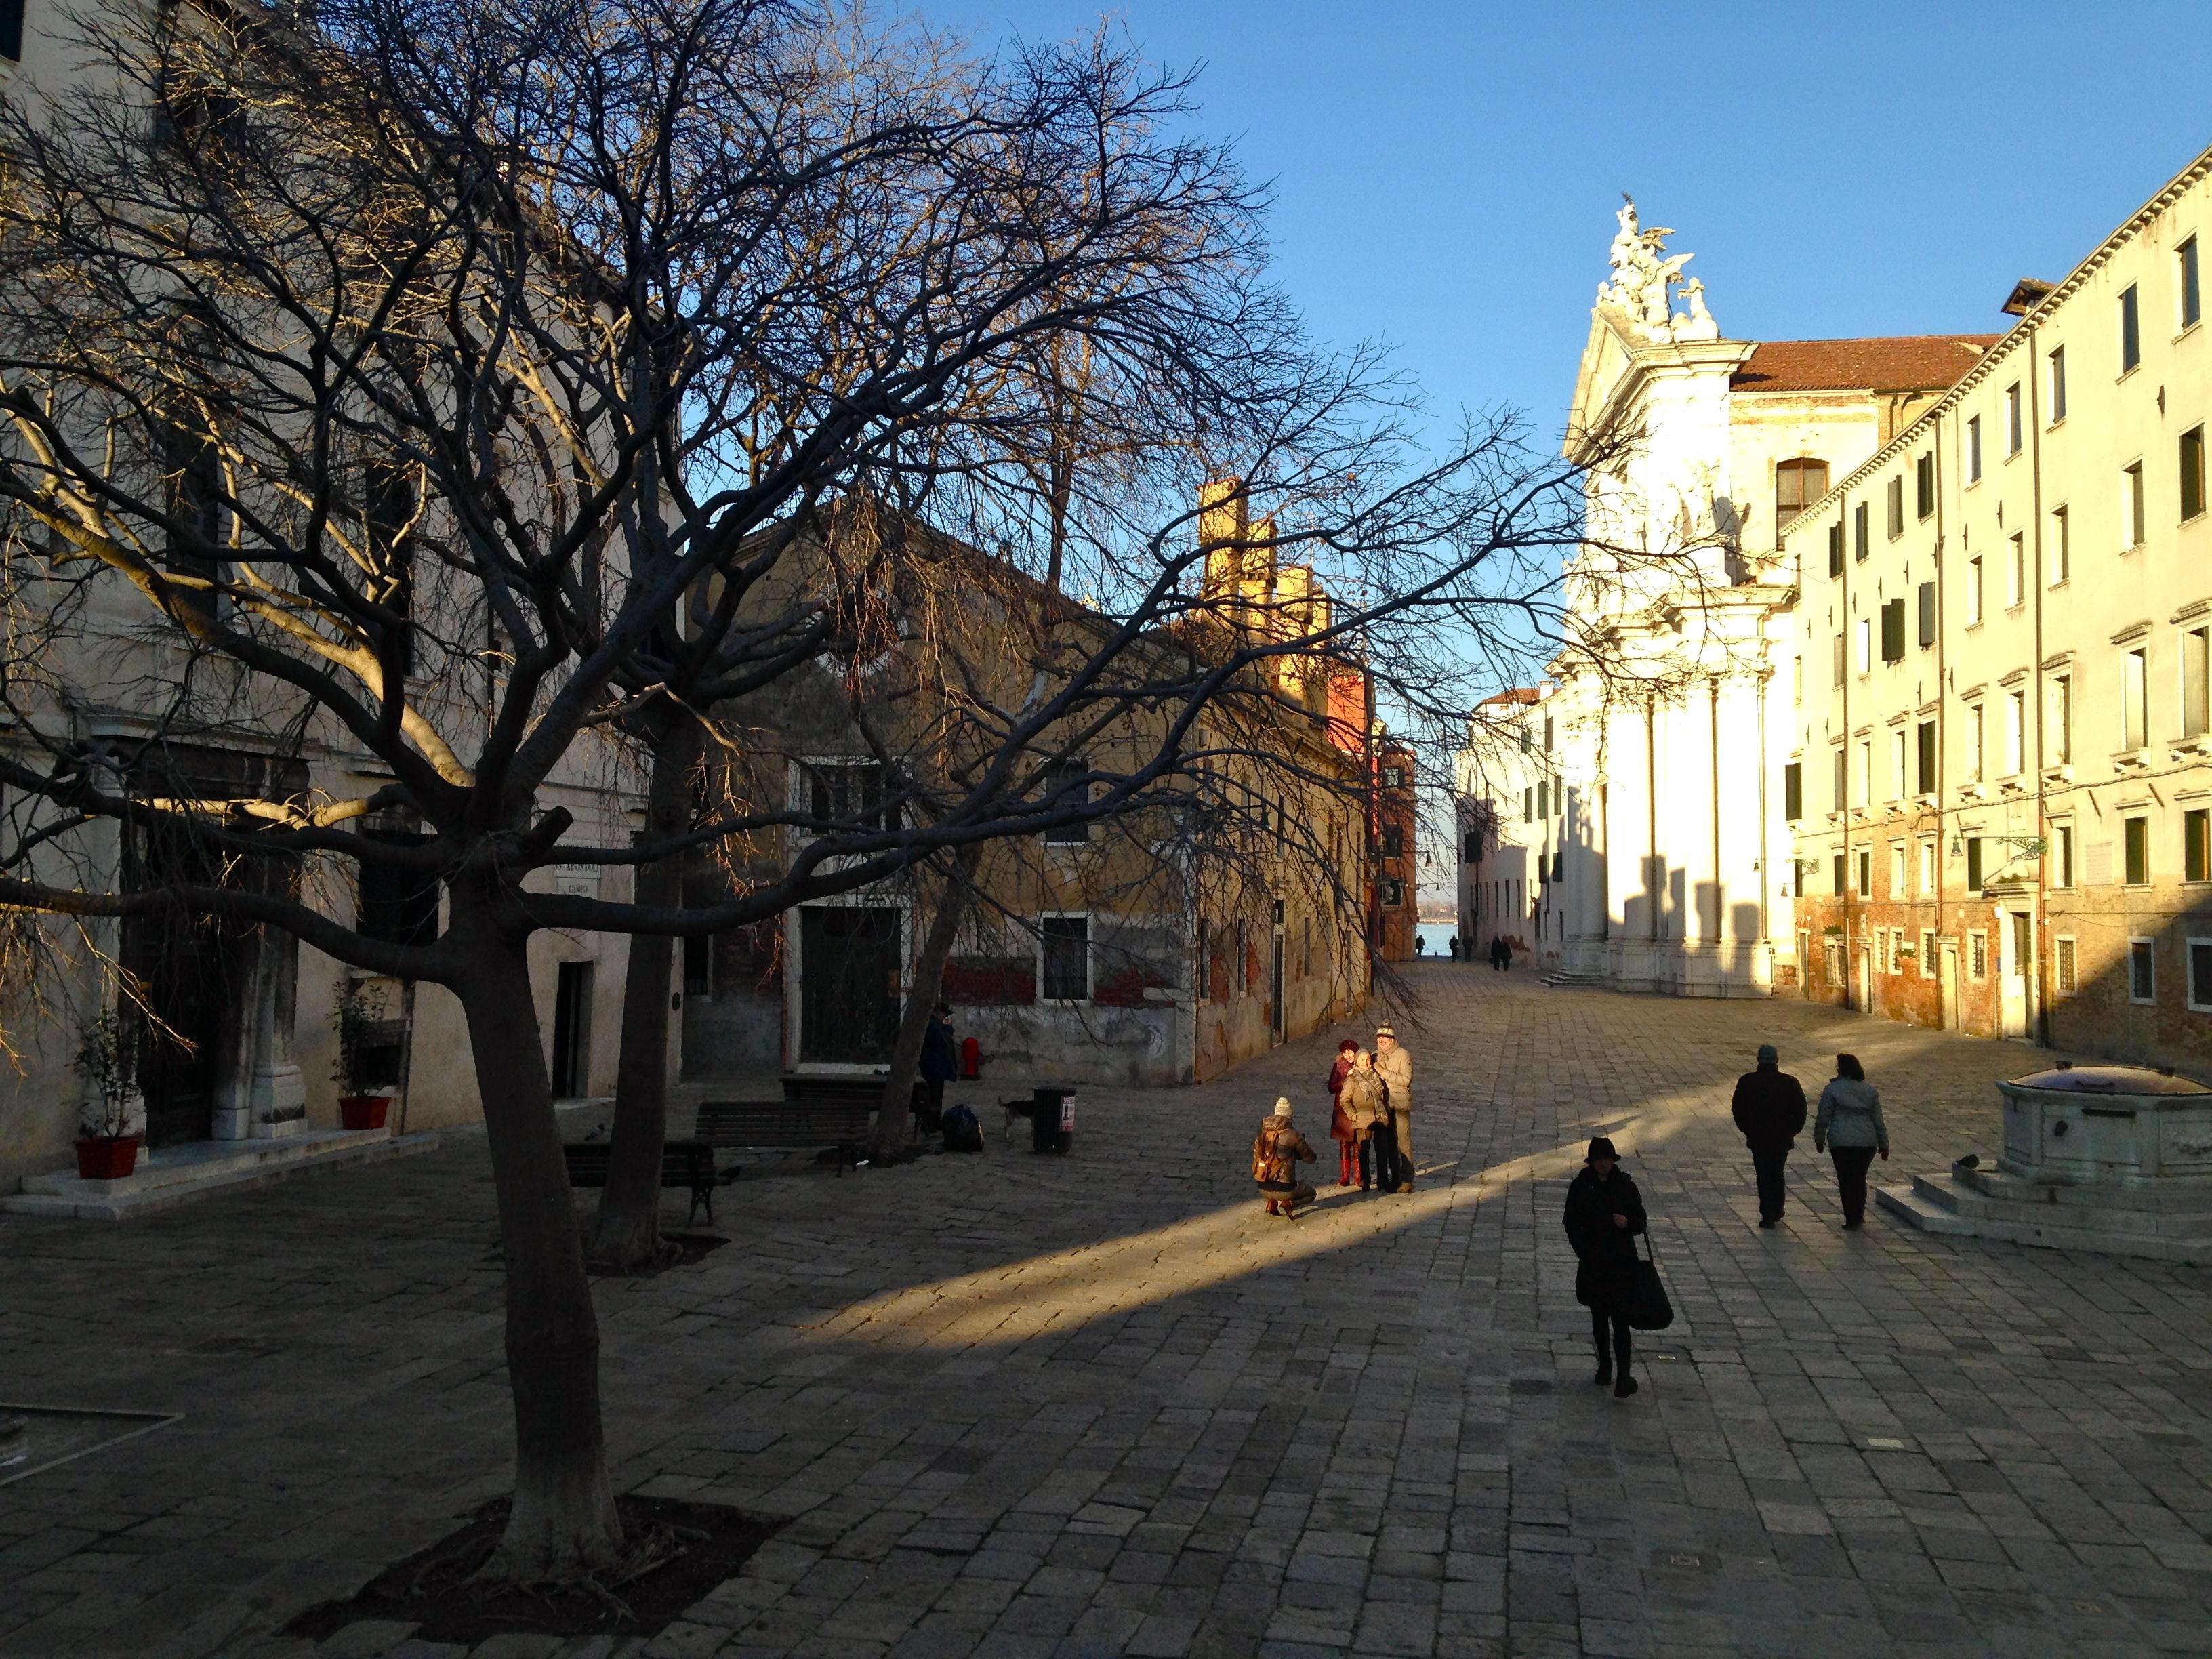 Street, Venice, Italy